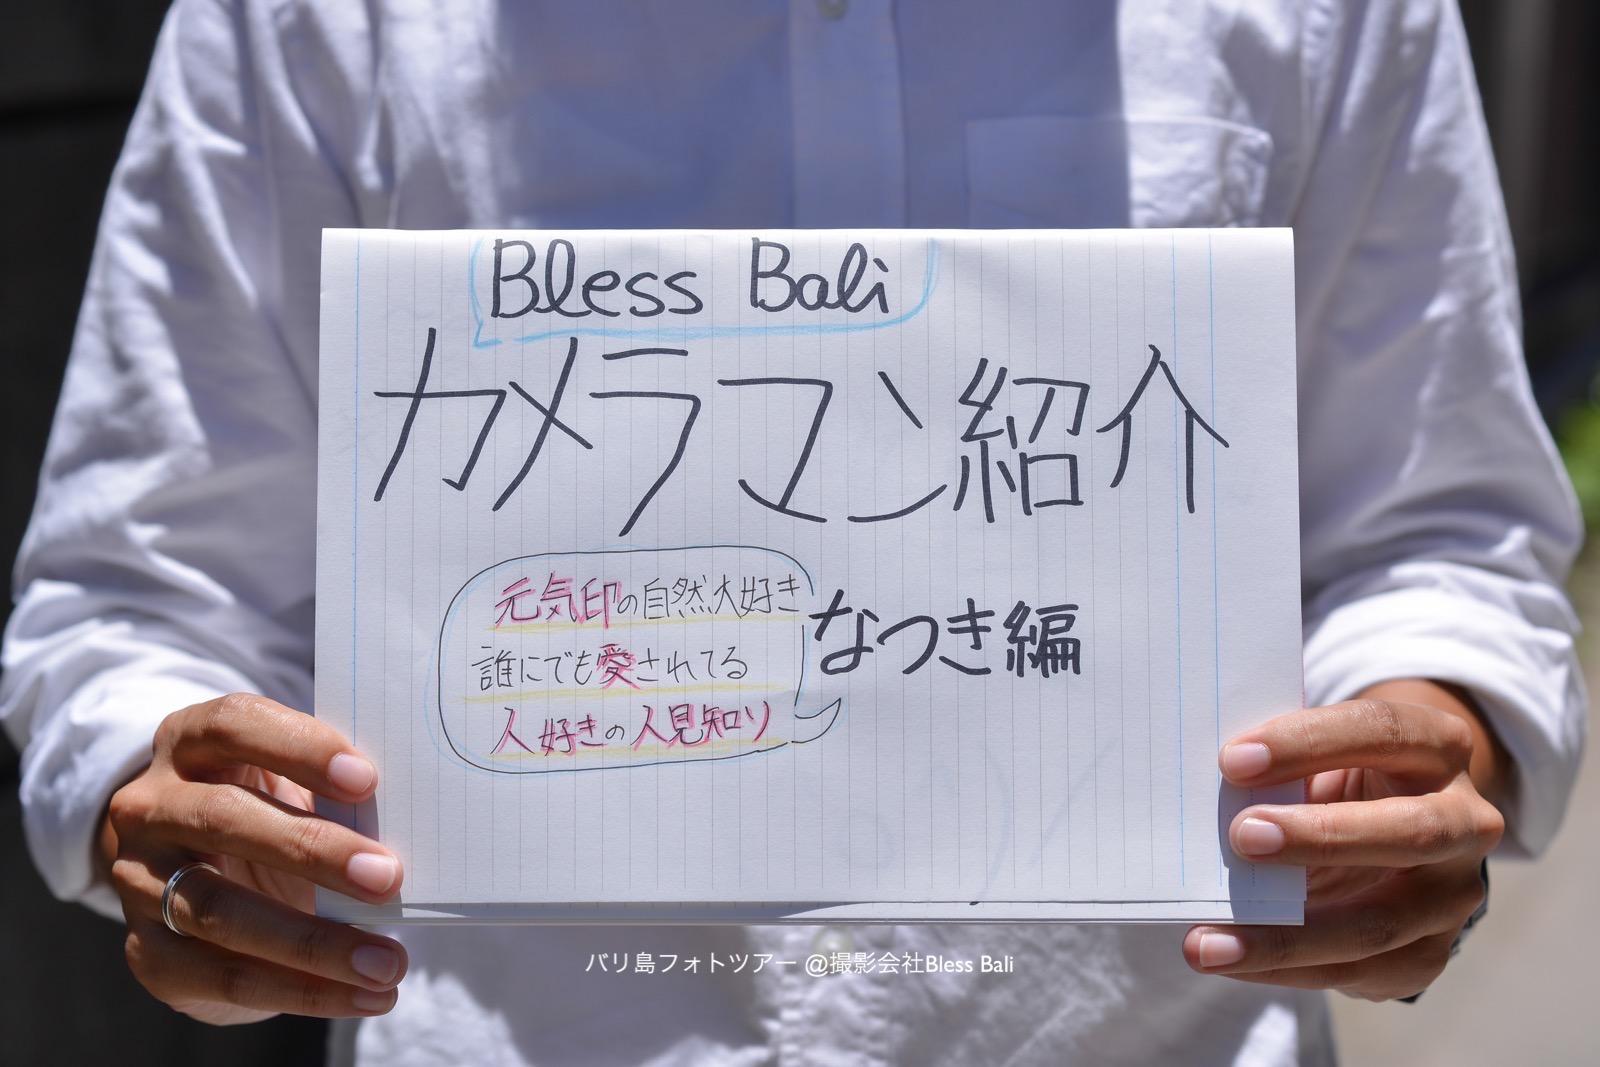 日本人女性カメラマンなつきを紹介